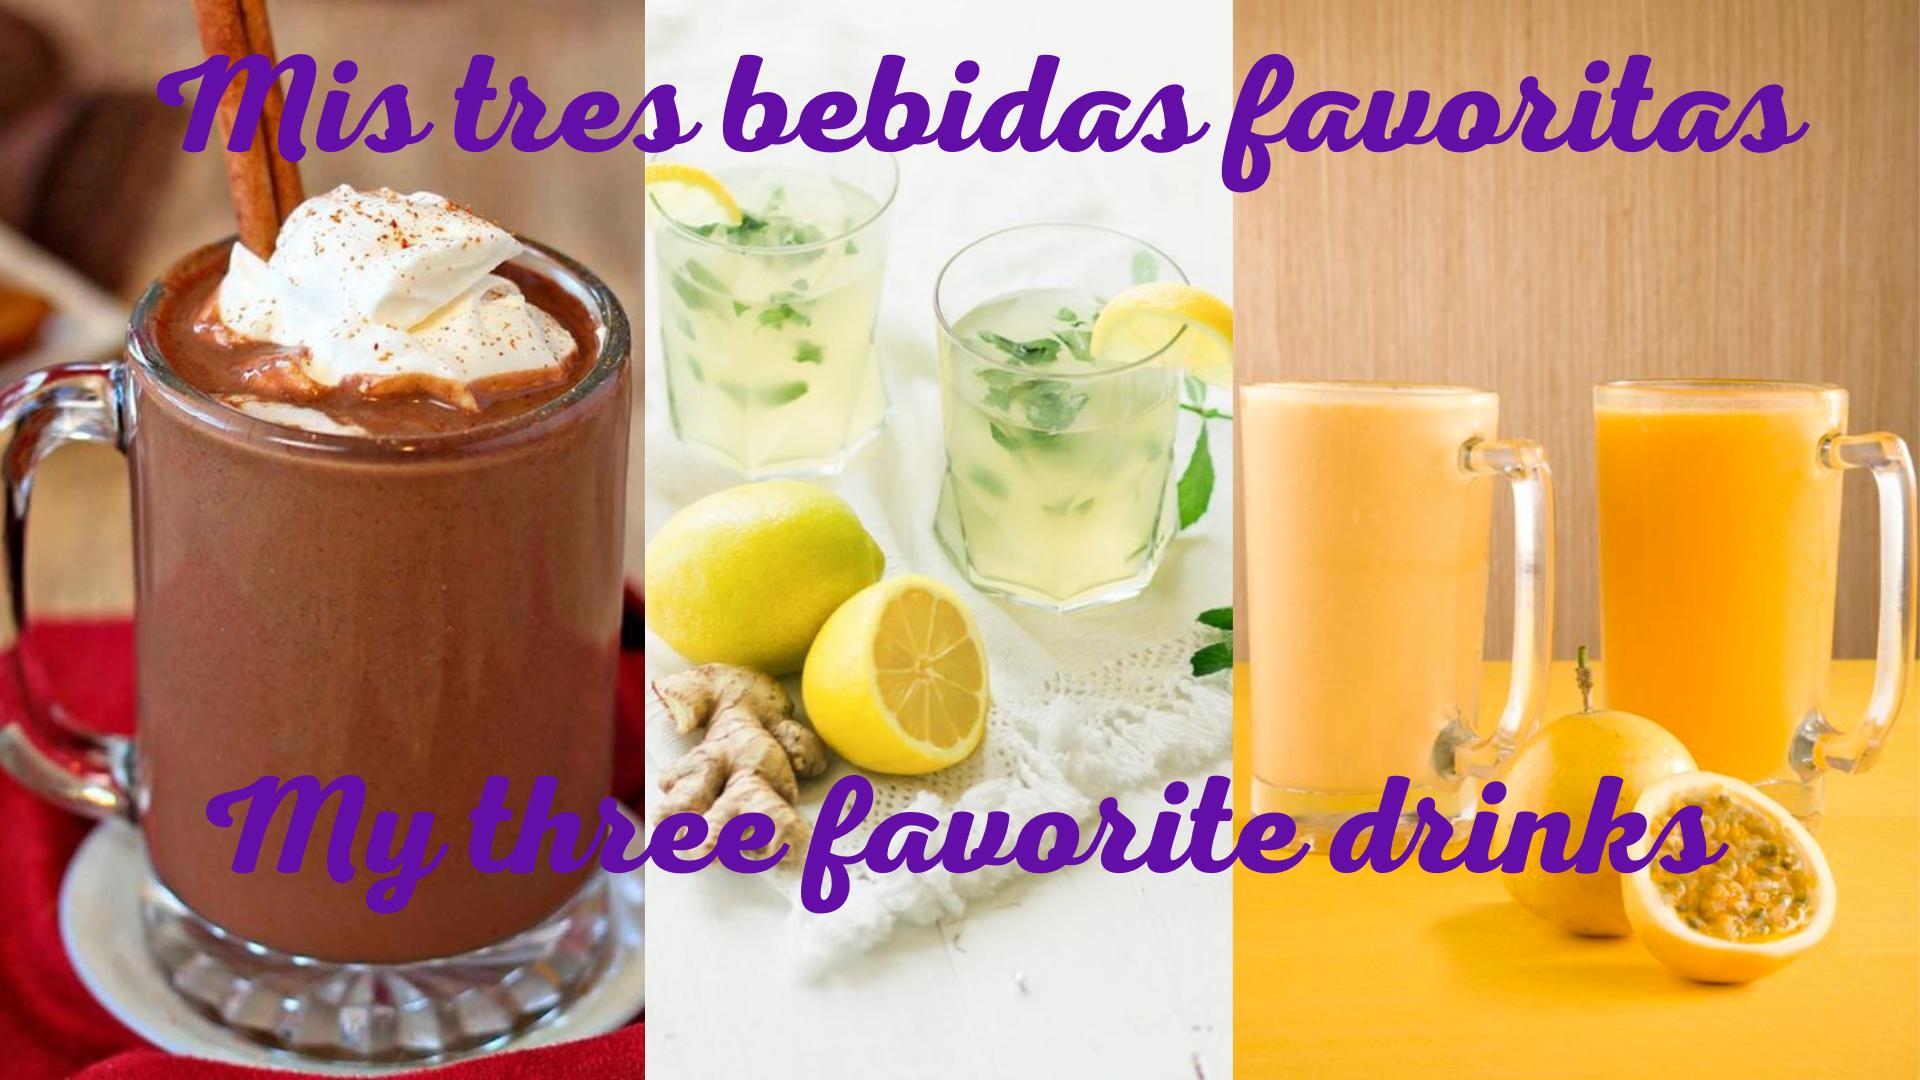 Mis tres bebidas favoritas.png